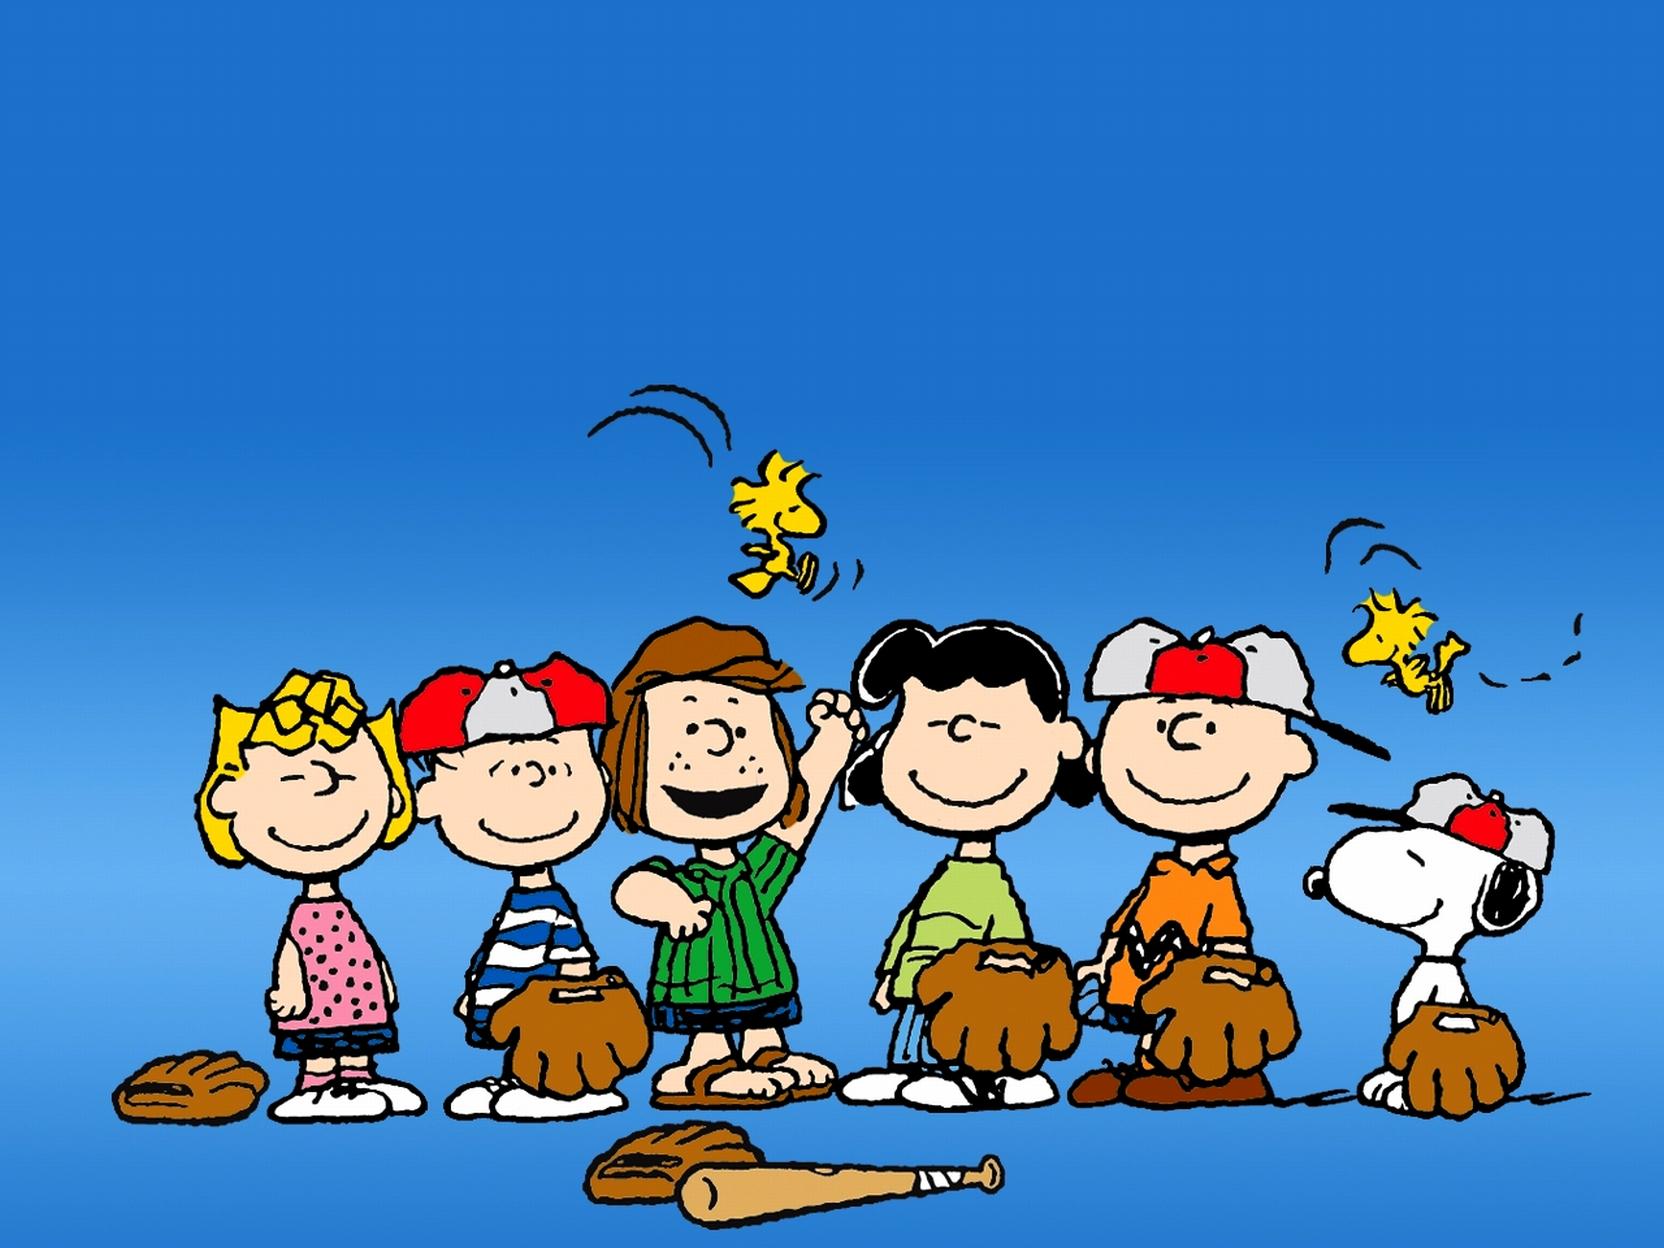 Peanuts Characters Snoopy Peanuts 1664x1248